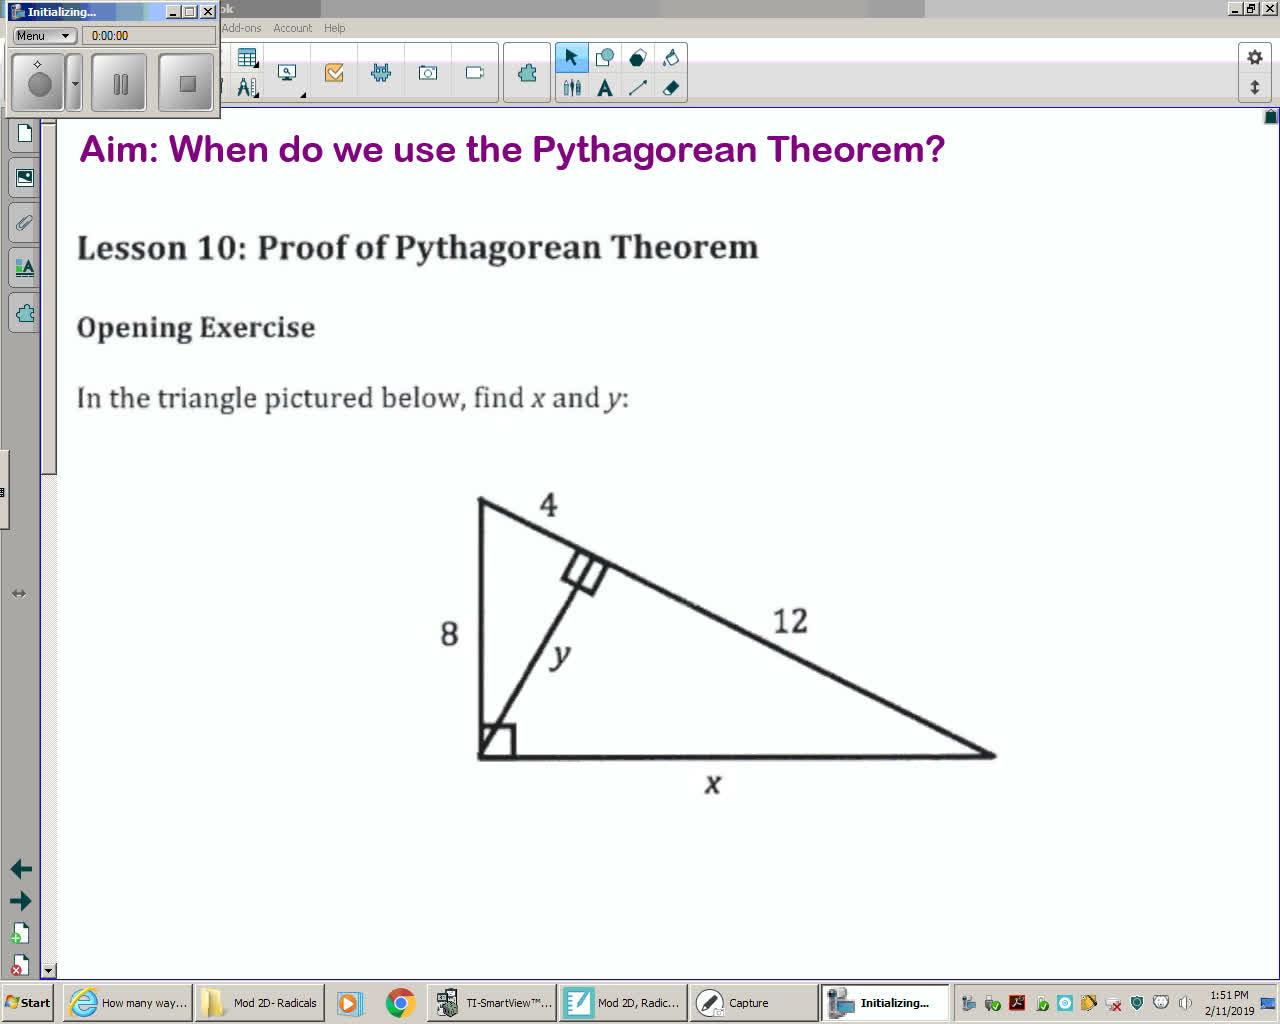 Mod 2D Unit 5 Lesson 10